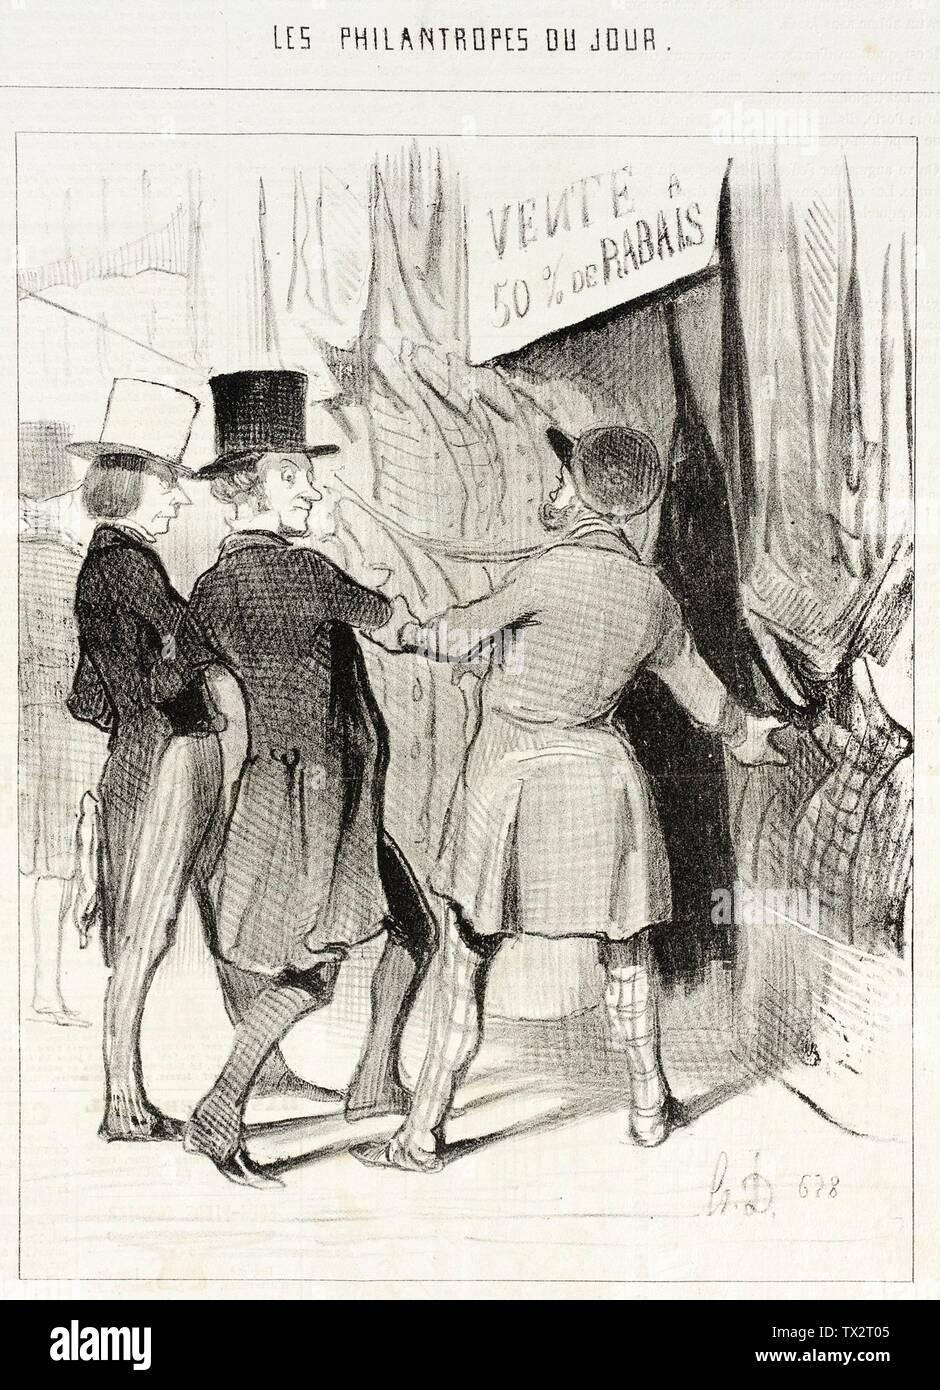 """""""Entrez Messieurs...Voici de magnifiques paletots que je vends a perte...; English:  France, 1844 Series: Les Philantropes du jour Periodical: Le Charivari, 19 October 1844 Prints; lithographs Lithograph Gift of Mr. and Mrs. Stanley Talpis (54.71.107) Prints and Drawings; 1844date QS:P571,+1844-00-00T00:00:00Z/9; """" Stock Photo"""